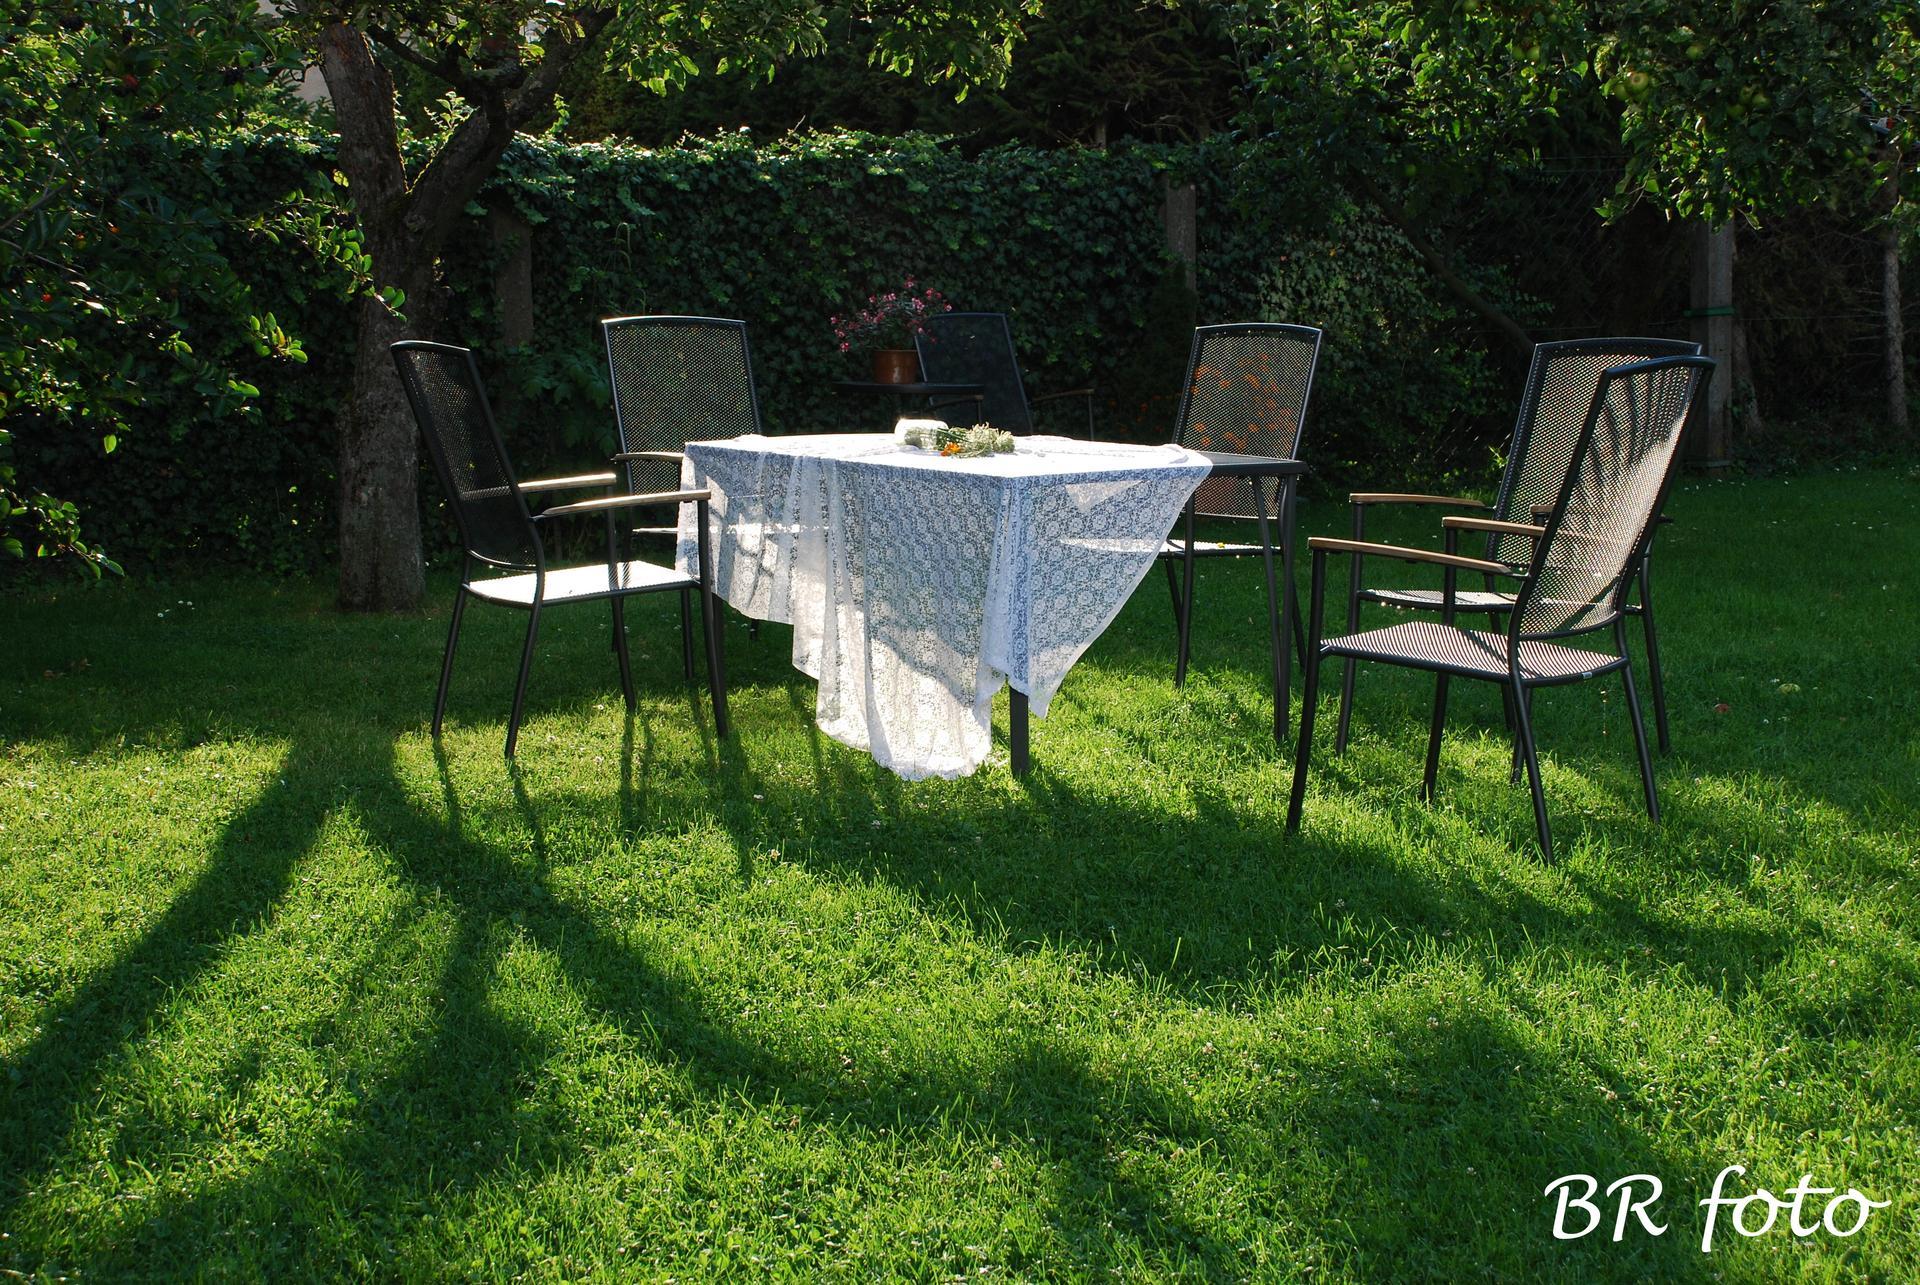 Zahrada v létě - po bouřce...